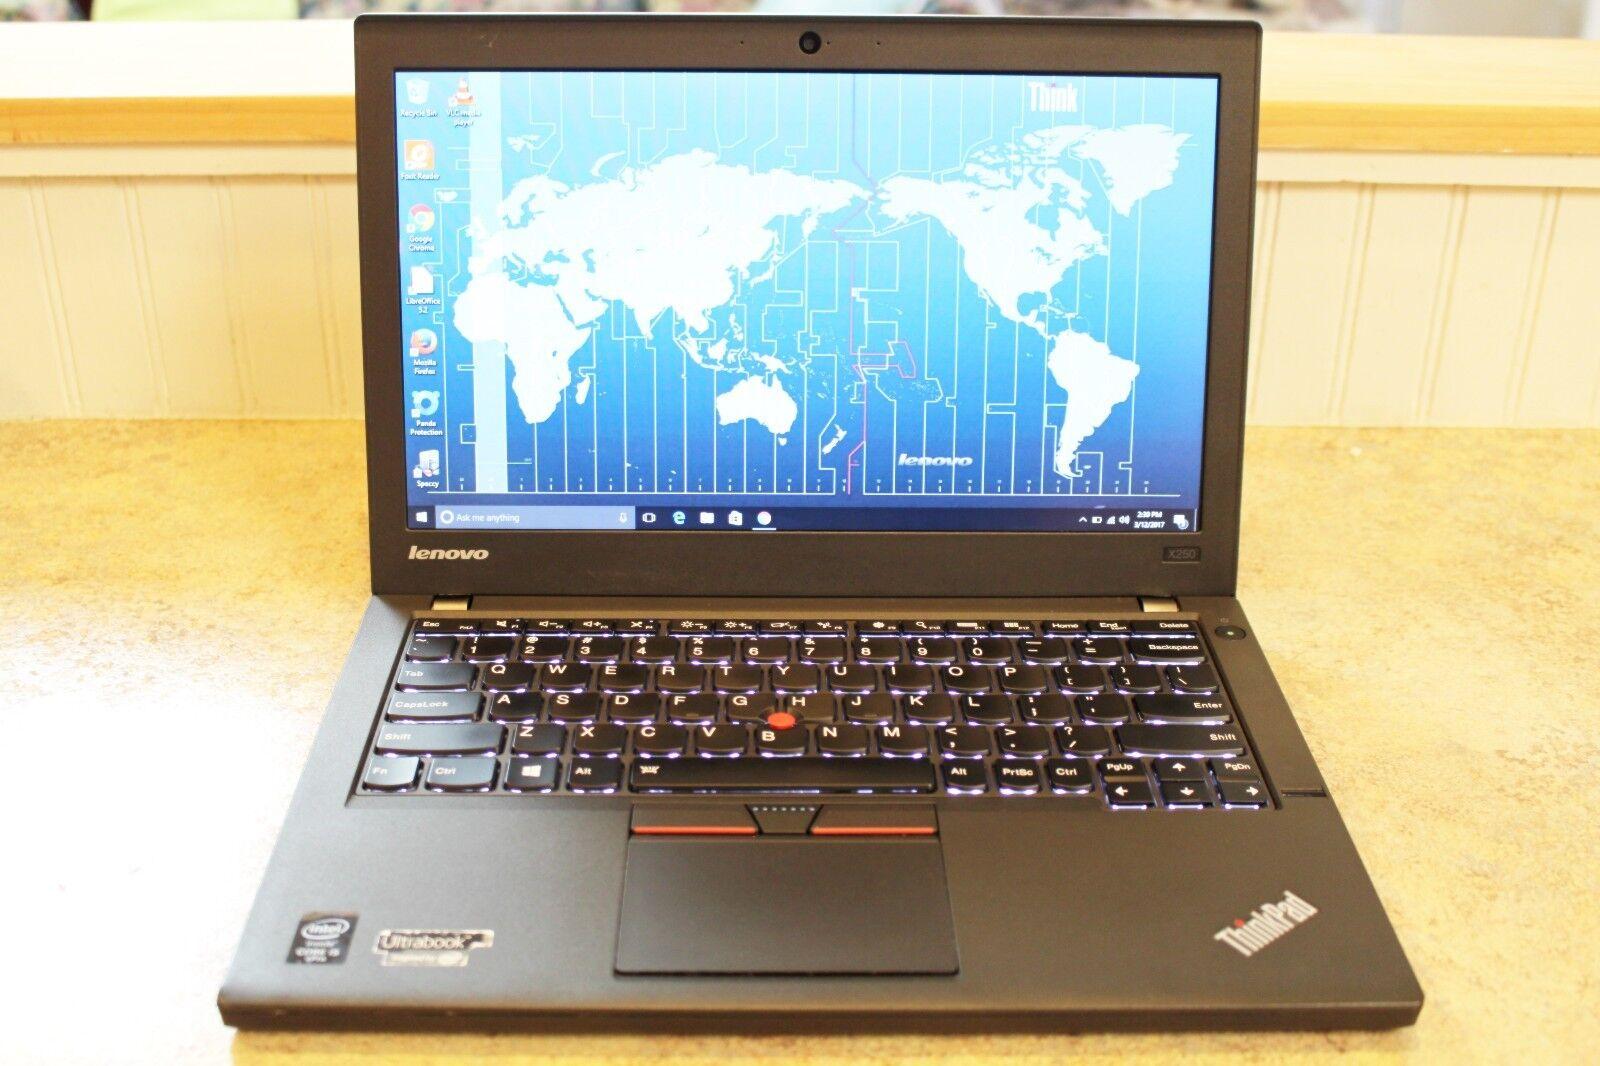 $479.99 - Lenovo ThinkPad X250 --- i5 2.3GHz - 8GB Ram - 500GB + SSD - Warranty